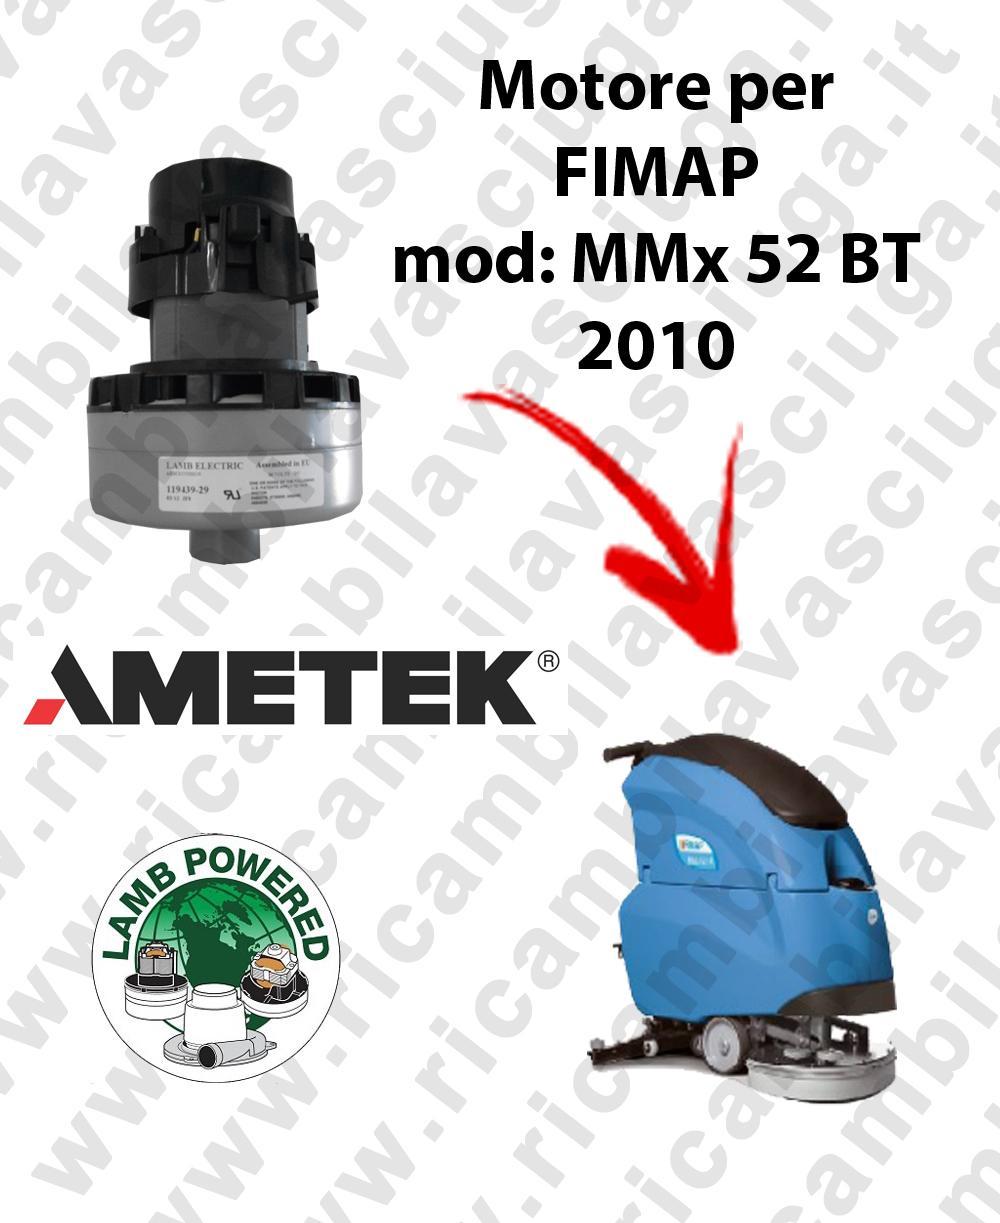 MMX 52 B-BT Ed. 2010 Saugmotor LAMB AMETEK für scheuersaugmaschinen FIMAP